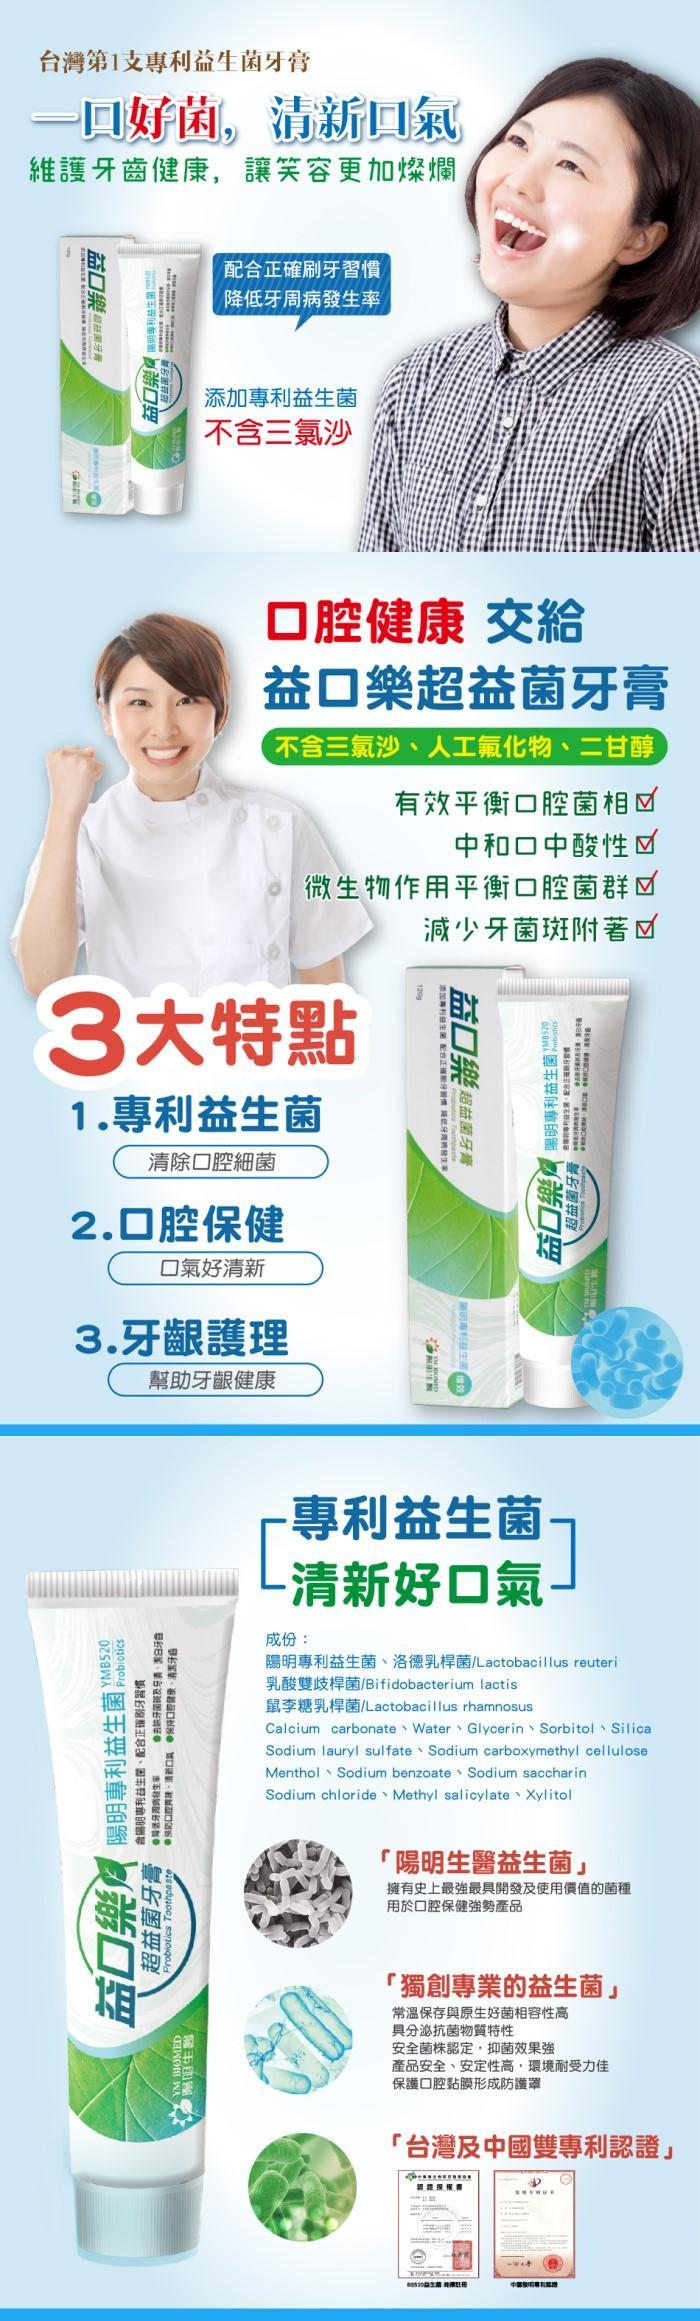 陽明生醫-益口樂超益菌牙膏(120g)產品資訊